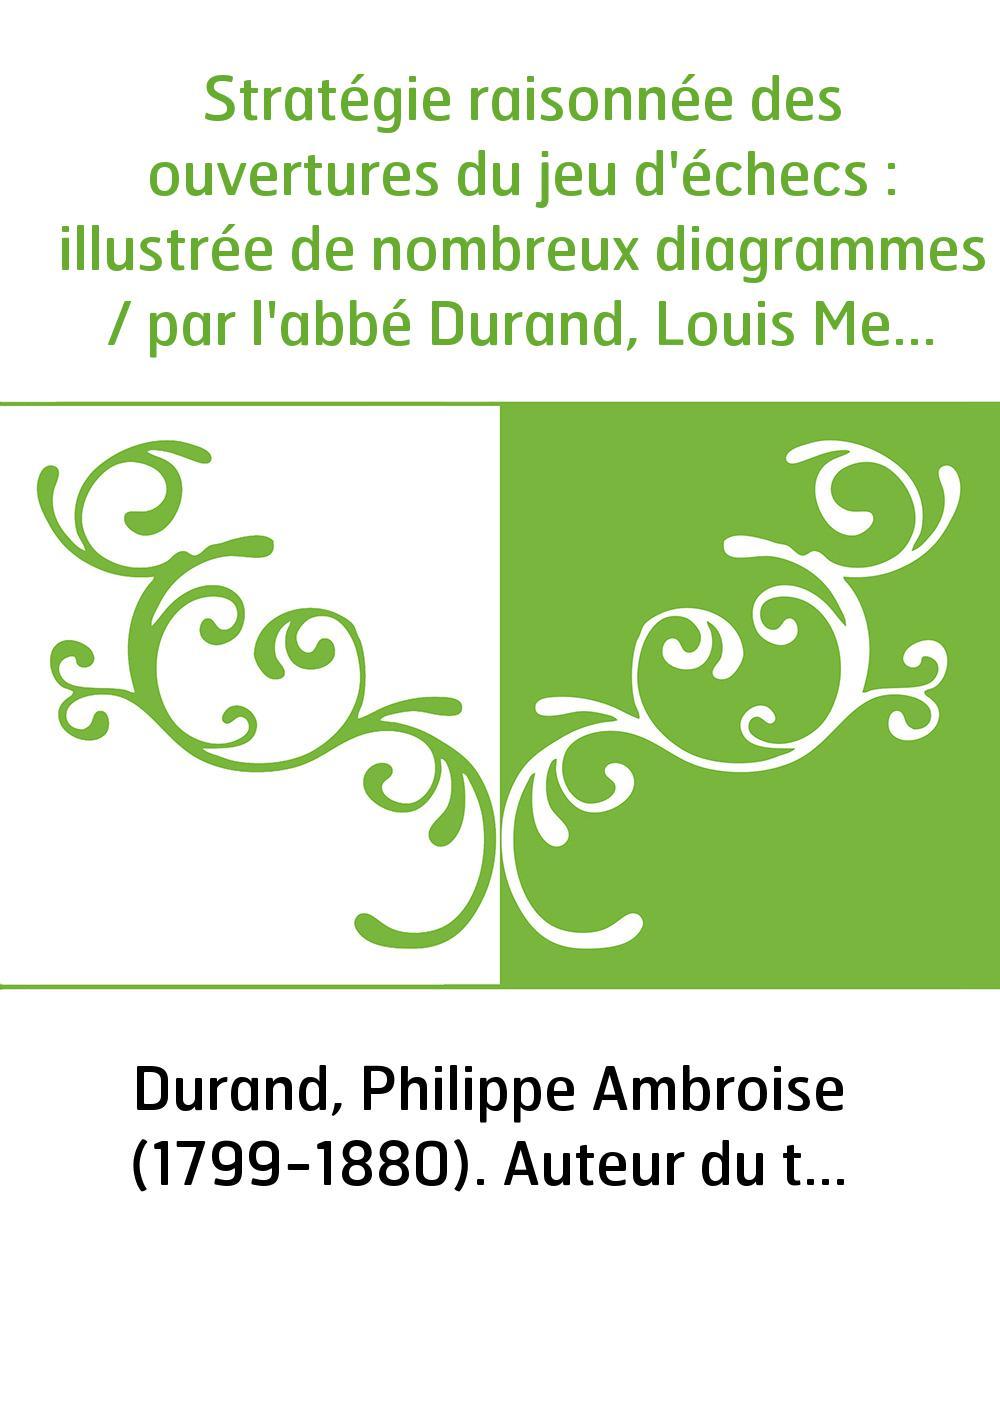 Stratégie raisonnée des ouvertures du jeu d'échecs : illustrée de nombreux diagrammes / par l'abbé Durand, Louis Metton et Jean